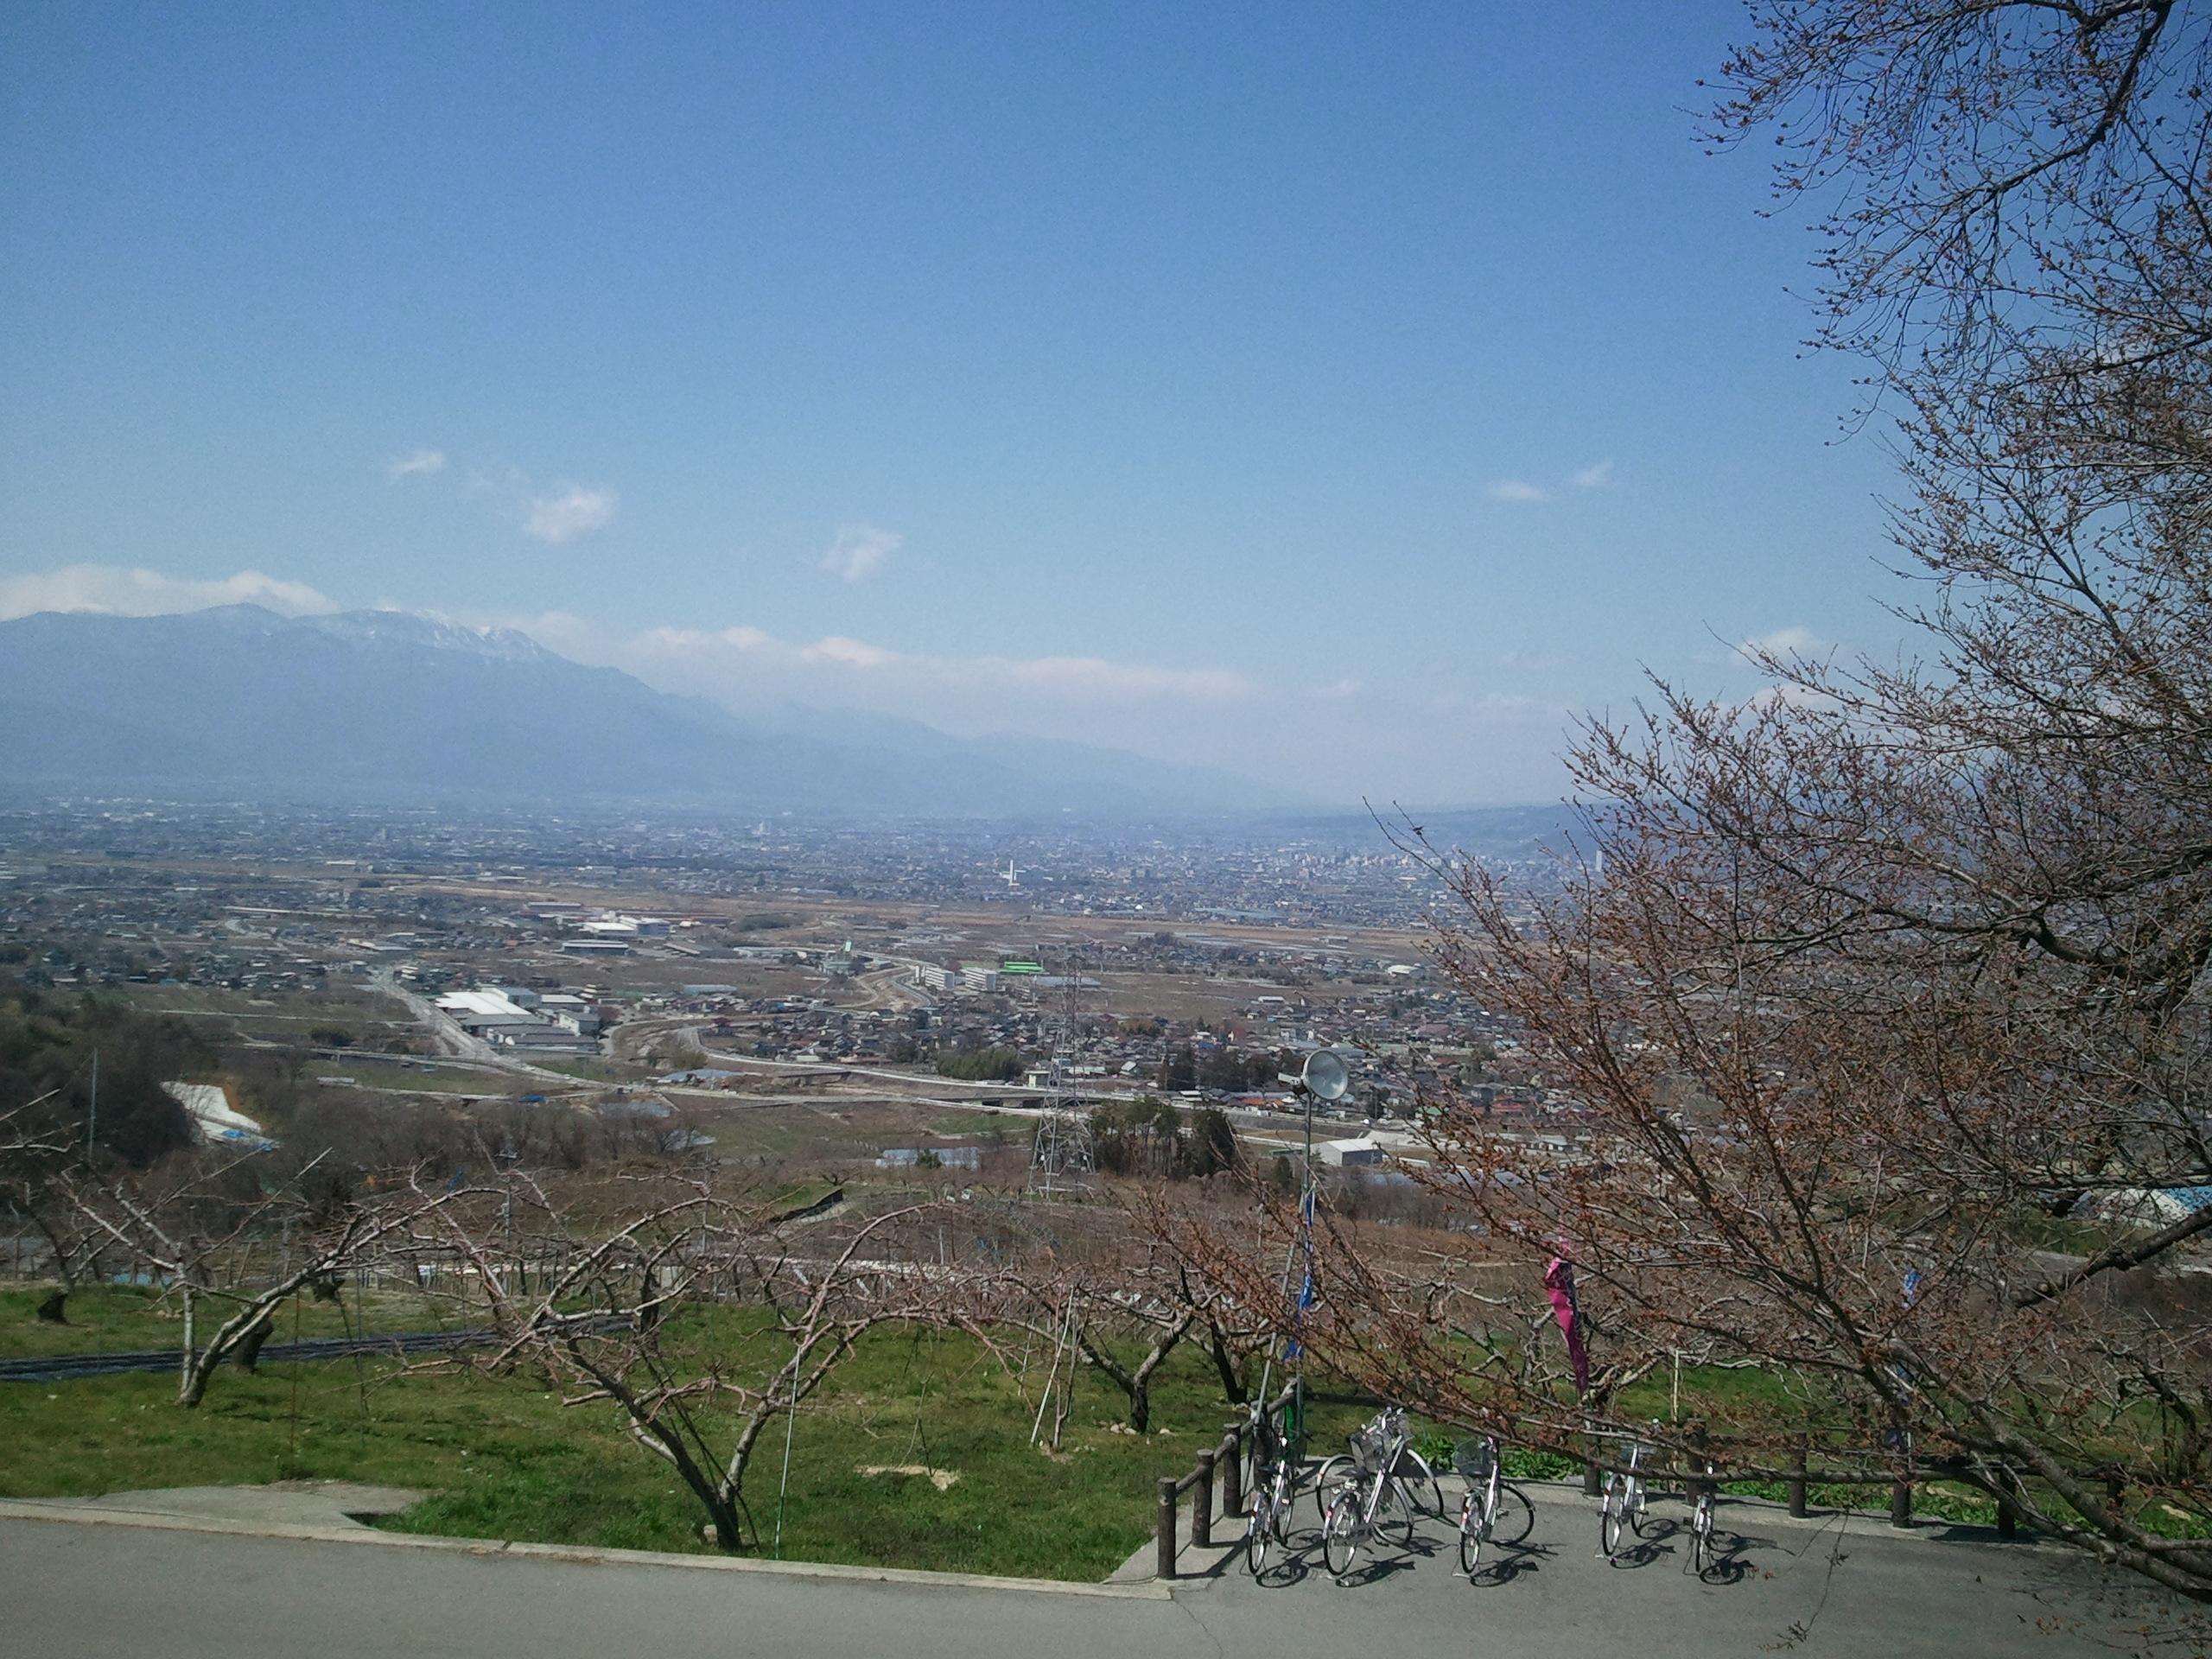 2012-04-01 12.17.18.jpg